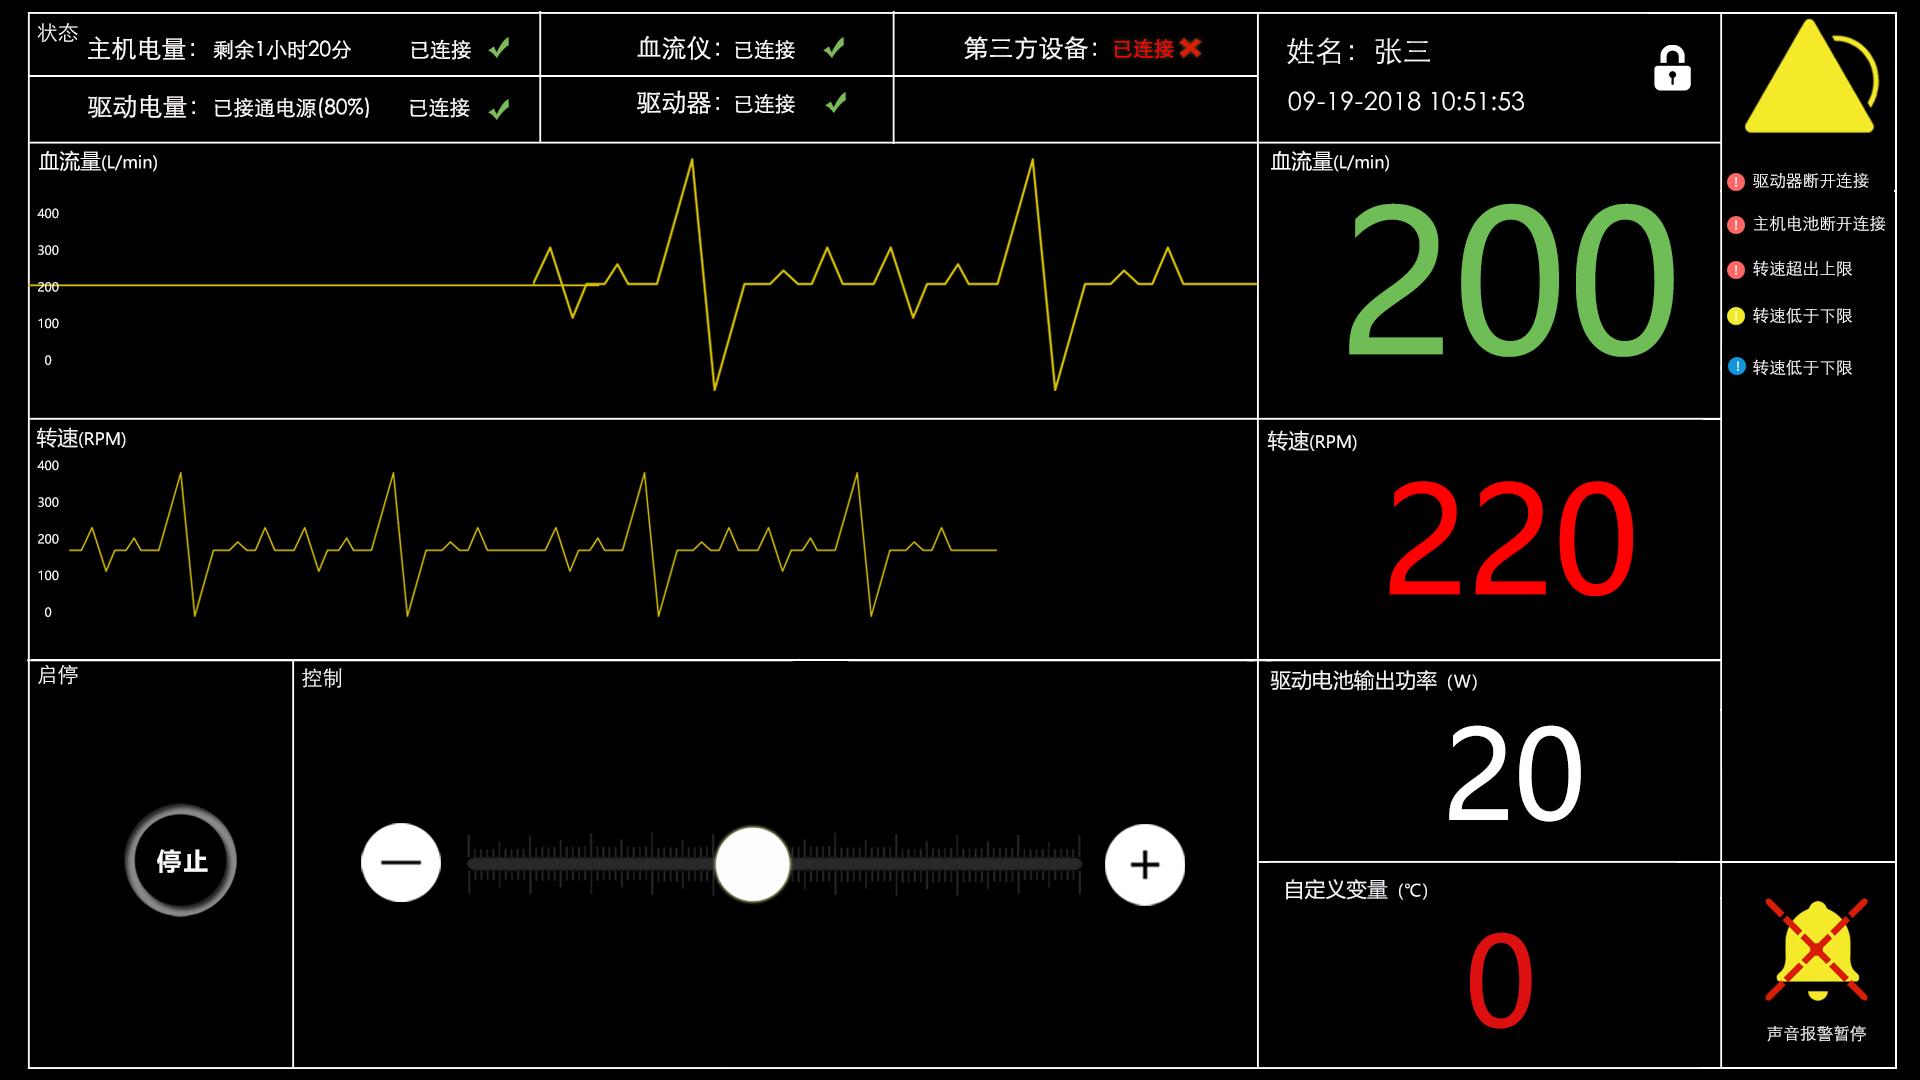 北京mile体育官方网站开发公司宜天信达与某高校合作开发人工心脏控制系统